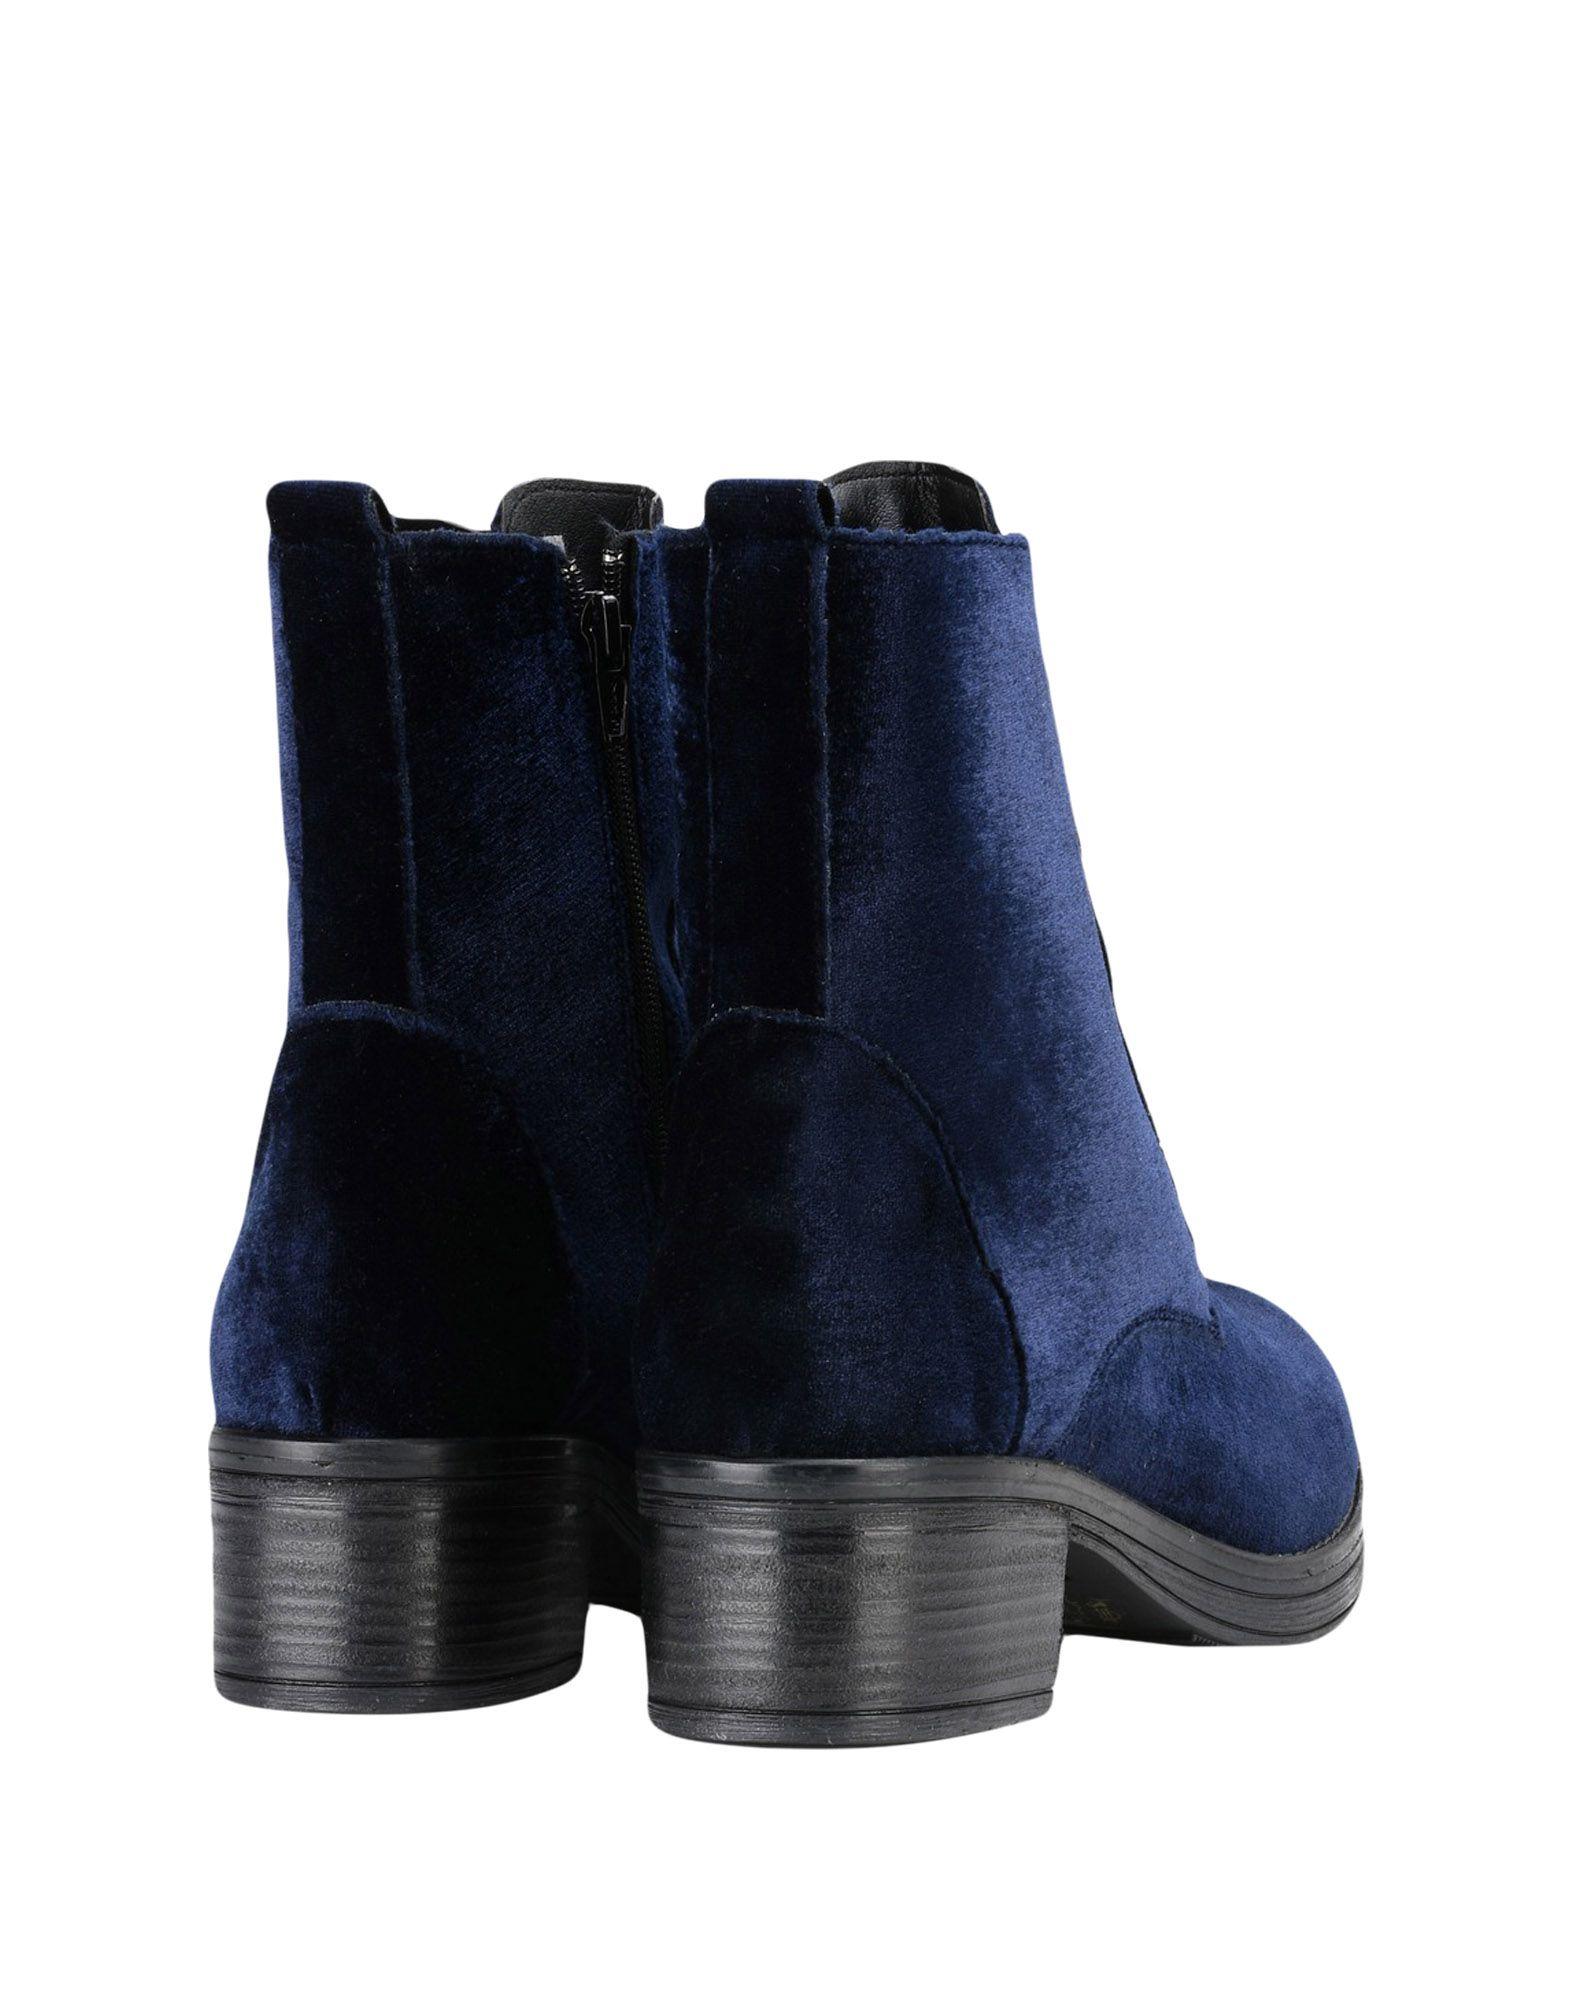 George J. Love Stiefelette Qualität Damen  11405244XC Gute Qualität Stiefelette beliebte Schuhe d9fb8a